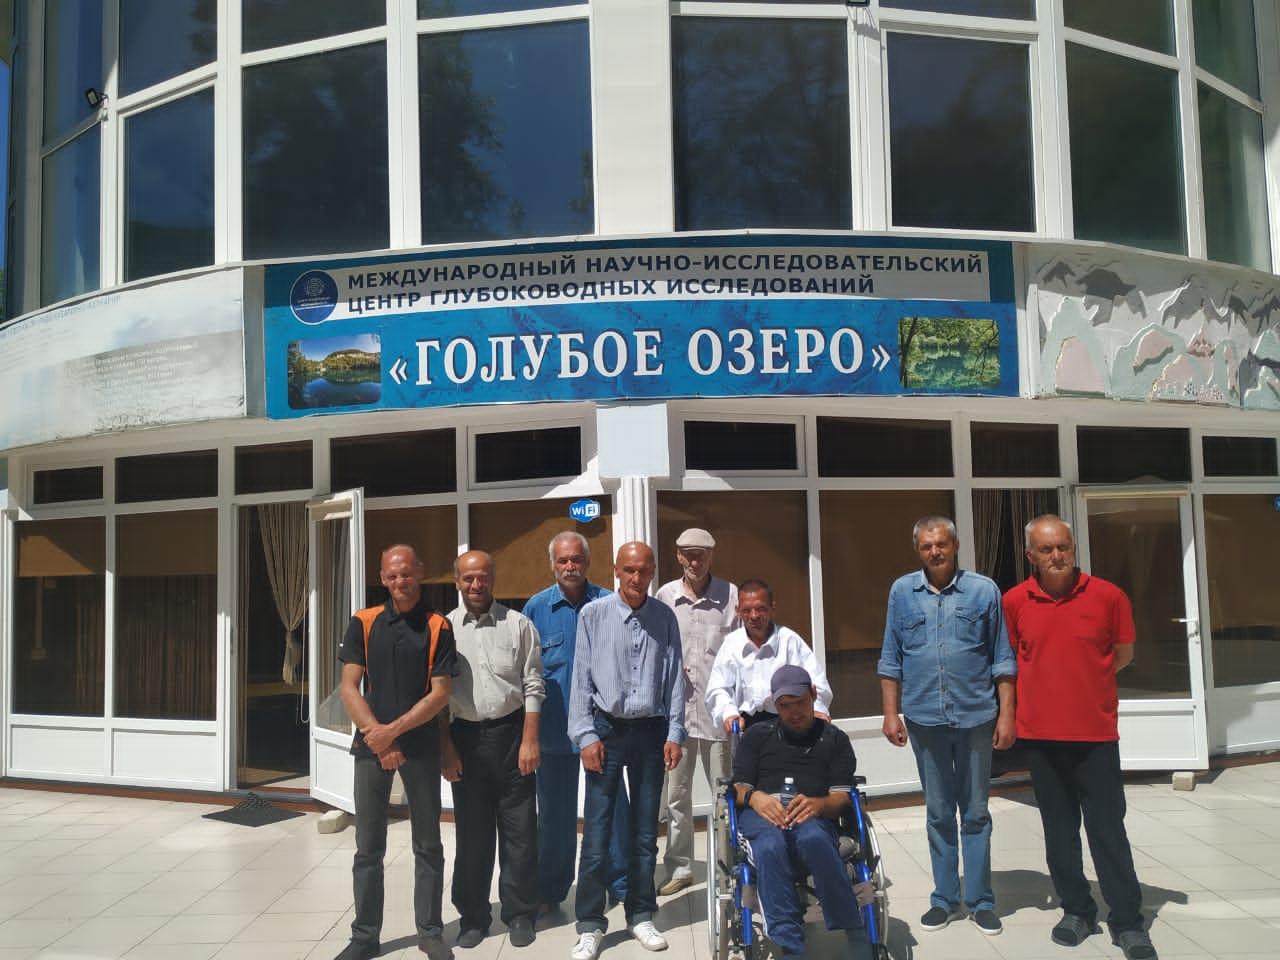 Экскурсионная поездка на «Голубые озёра»